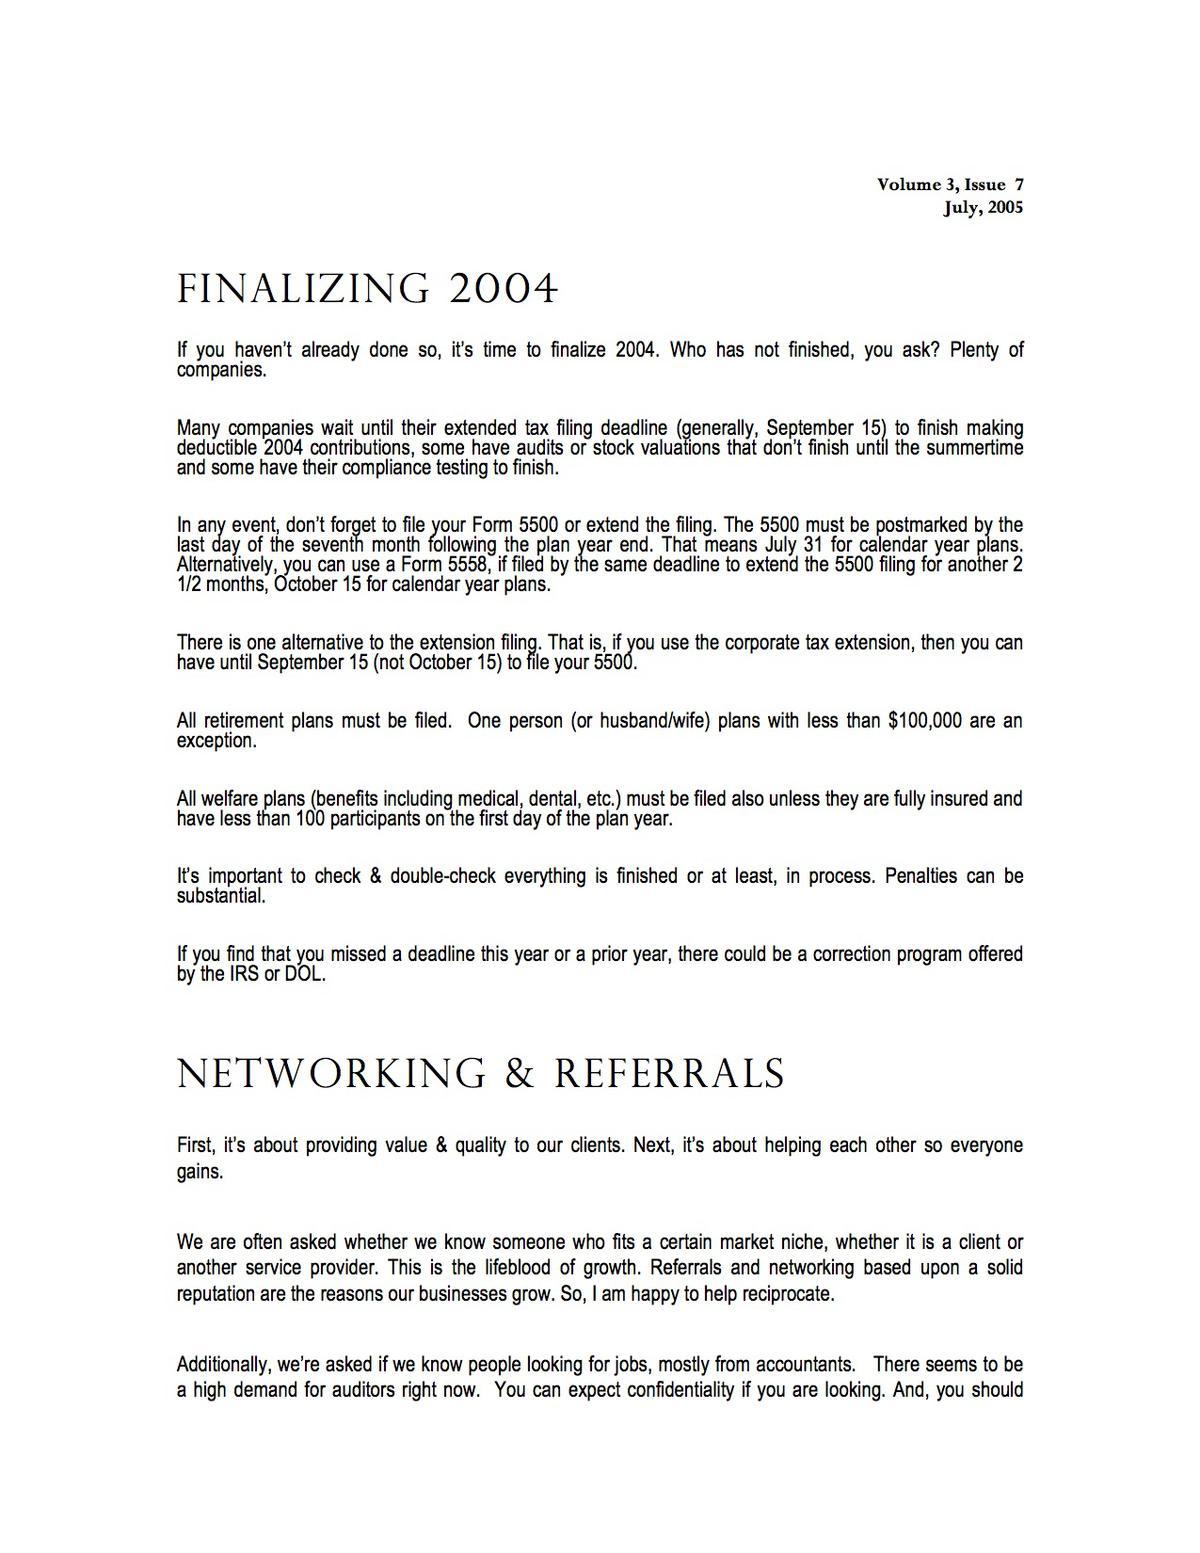 Networking & Referrals